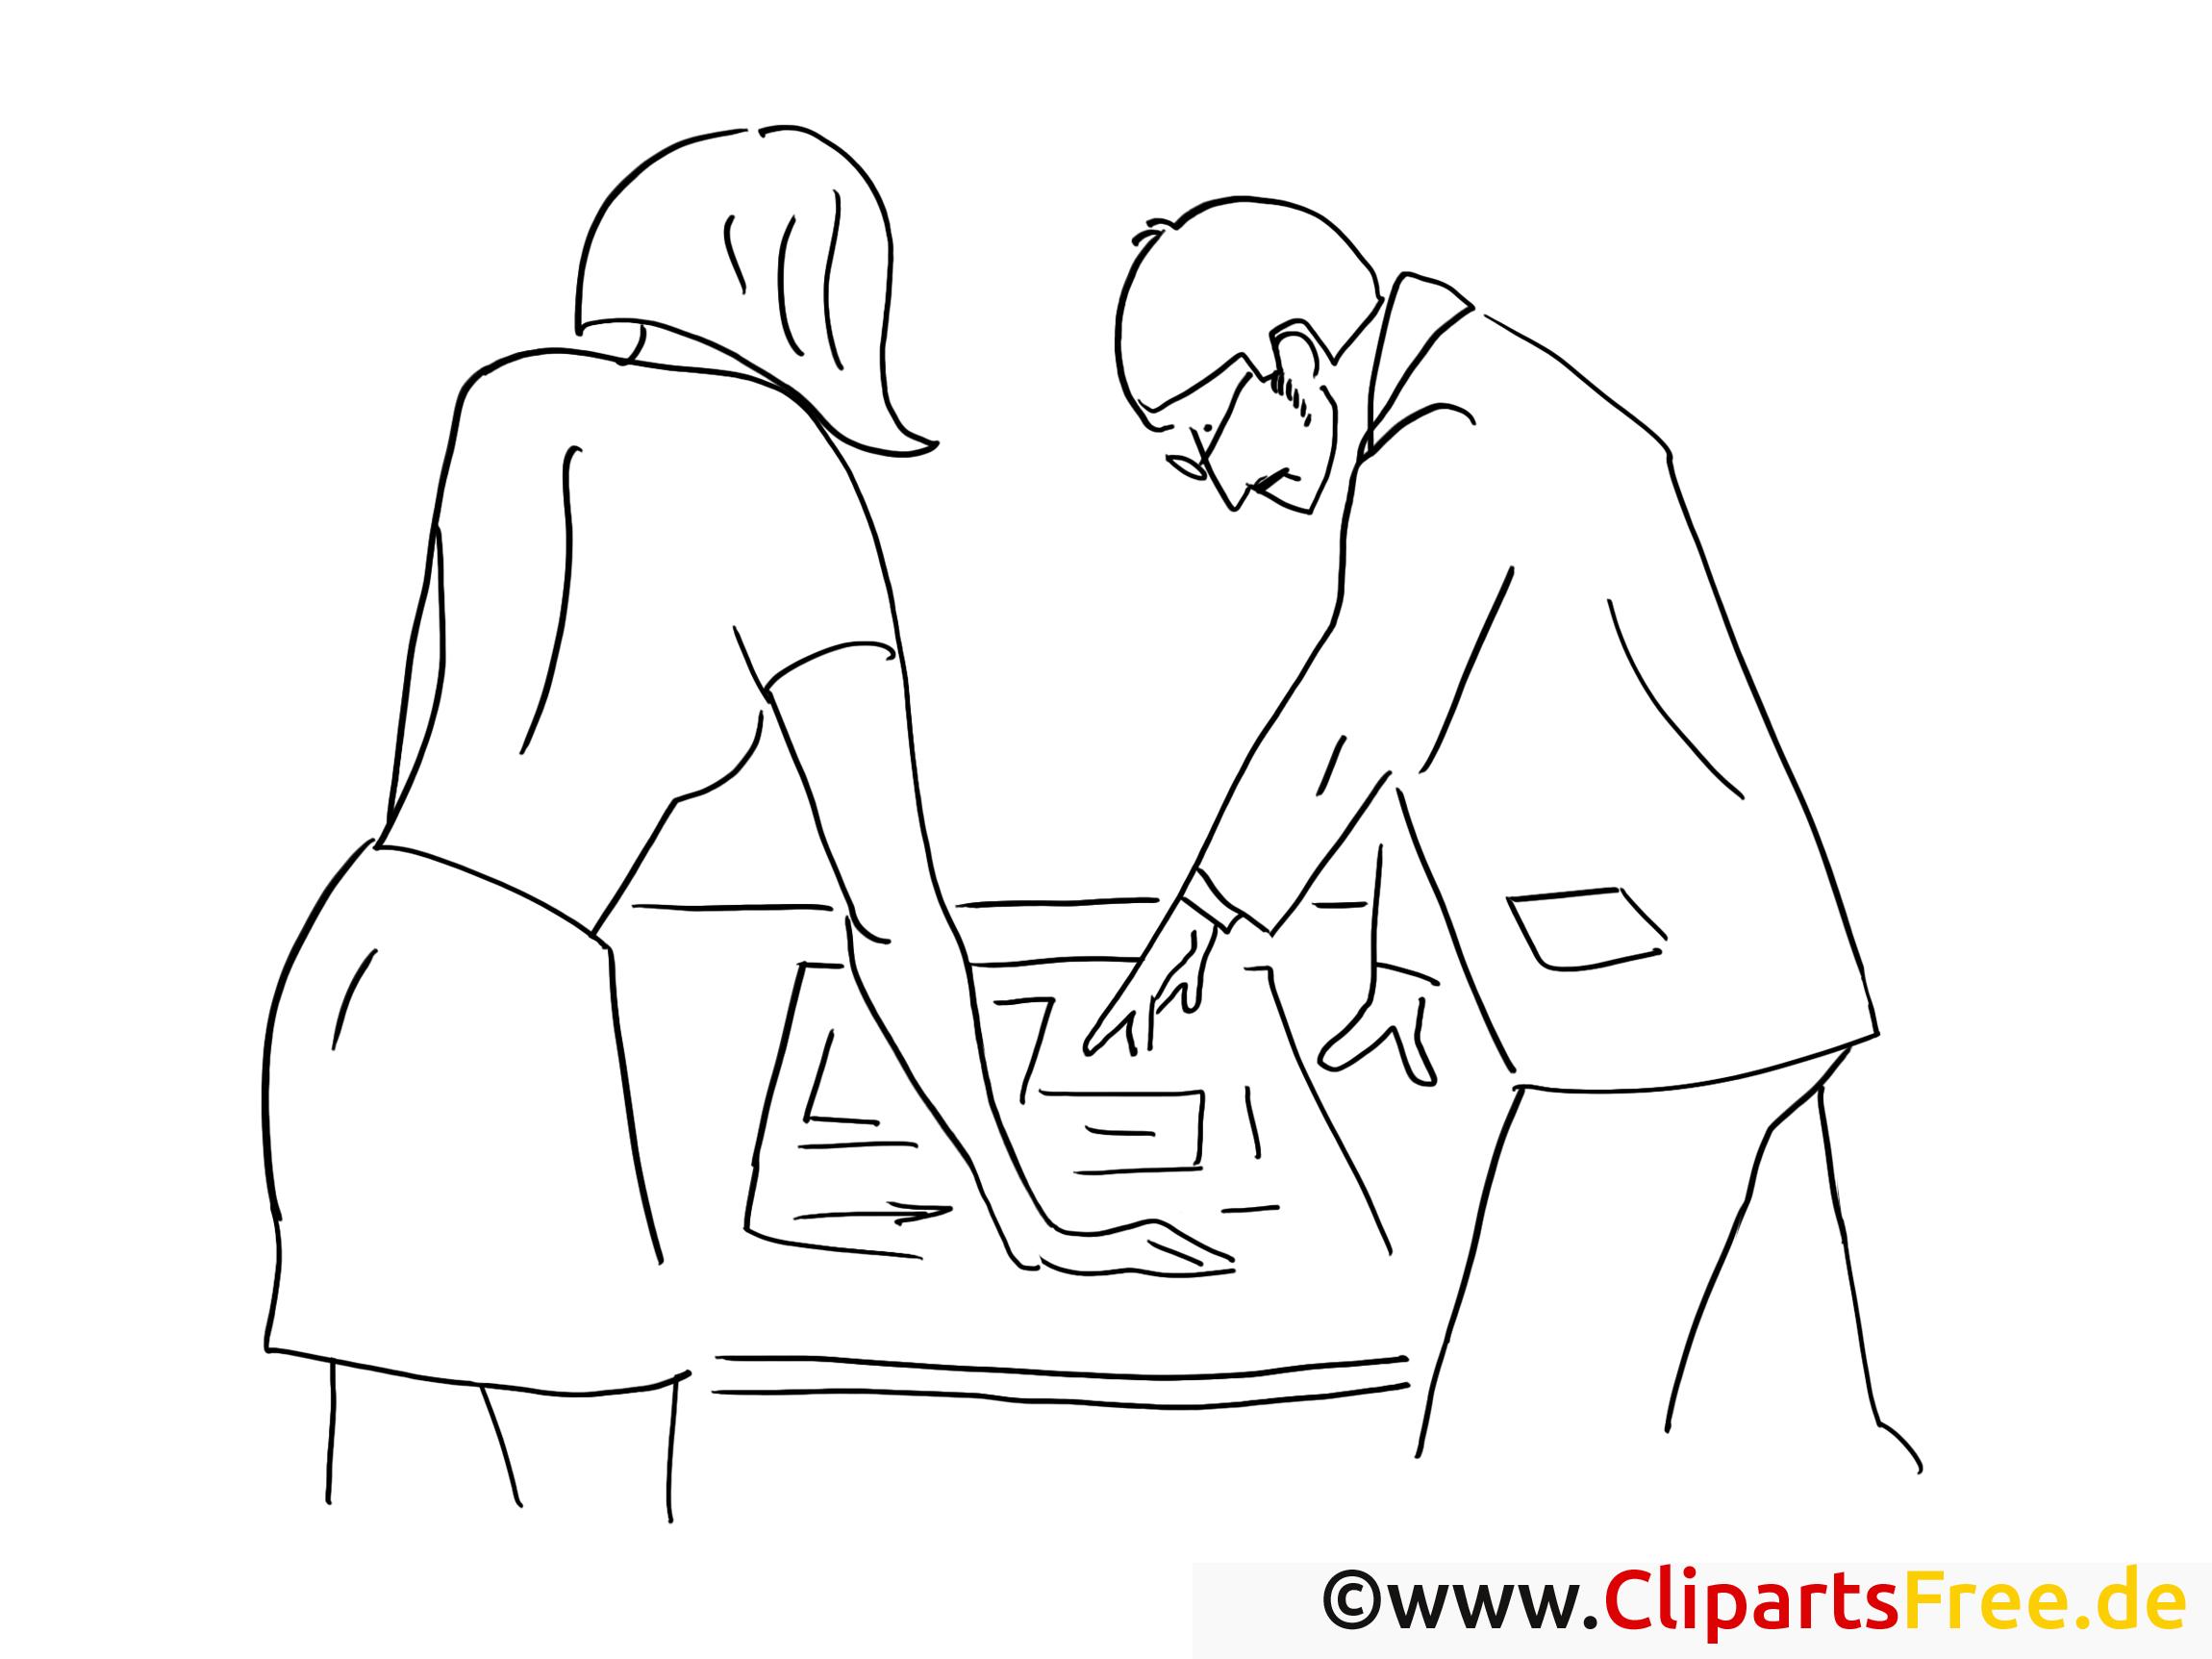 Plan dessin à télécharger – Travail à colorier